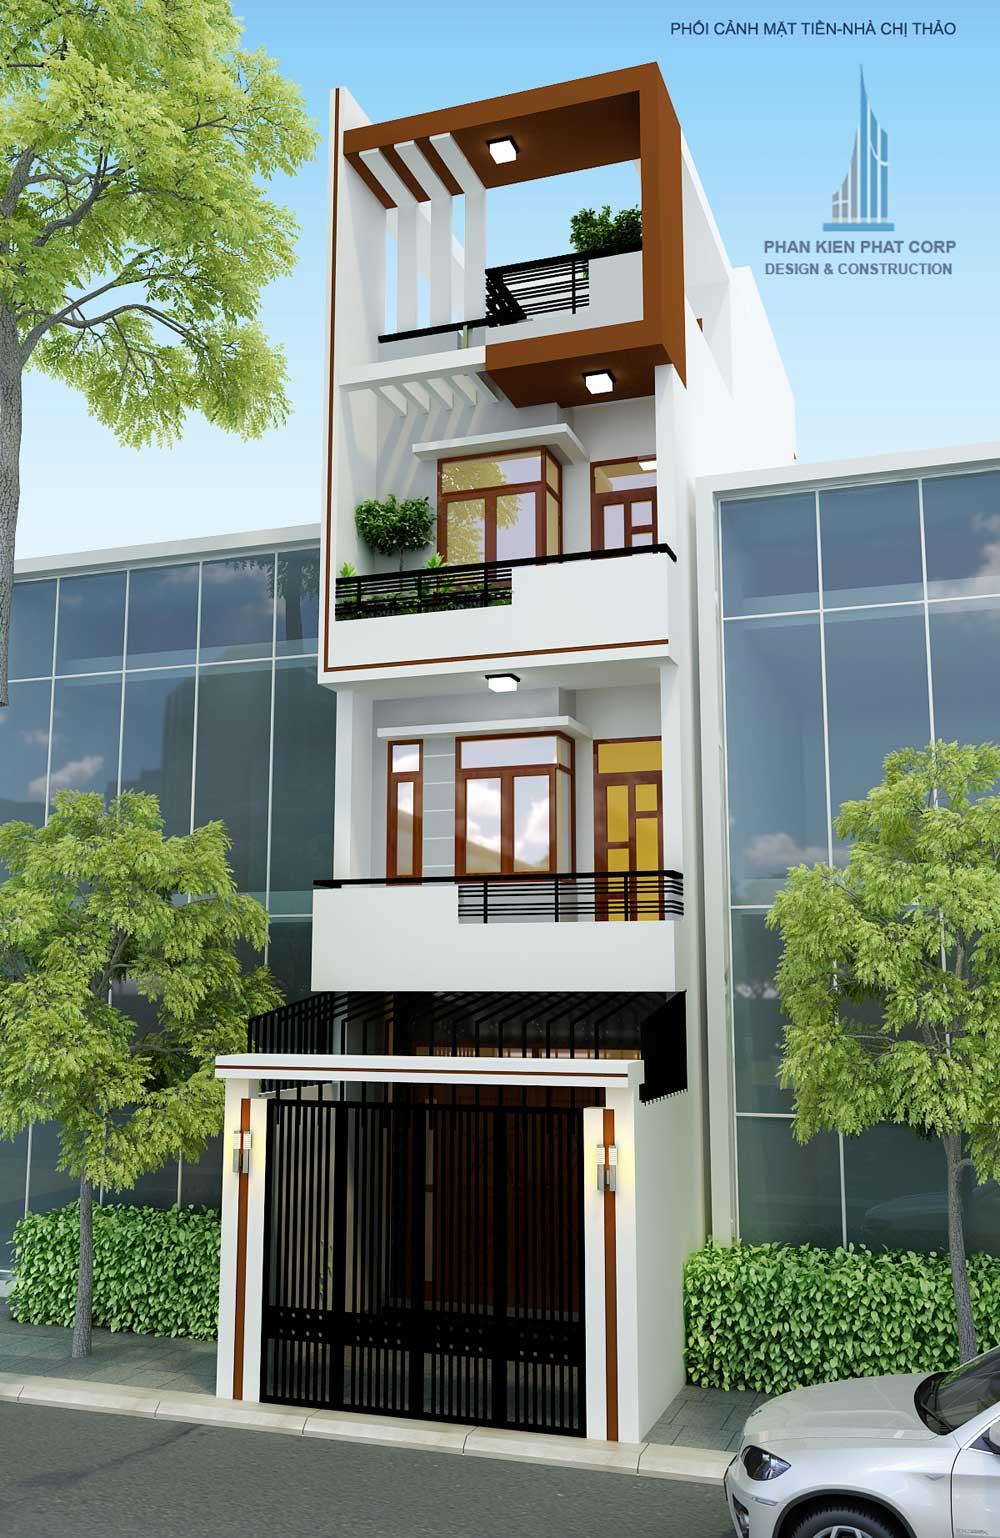 Công trình, Thiết kế xây dựng nhà phố, Chị Võ Ngọc Thanh Thảo